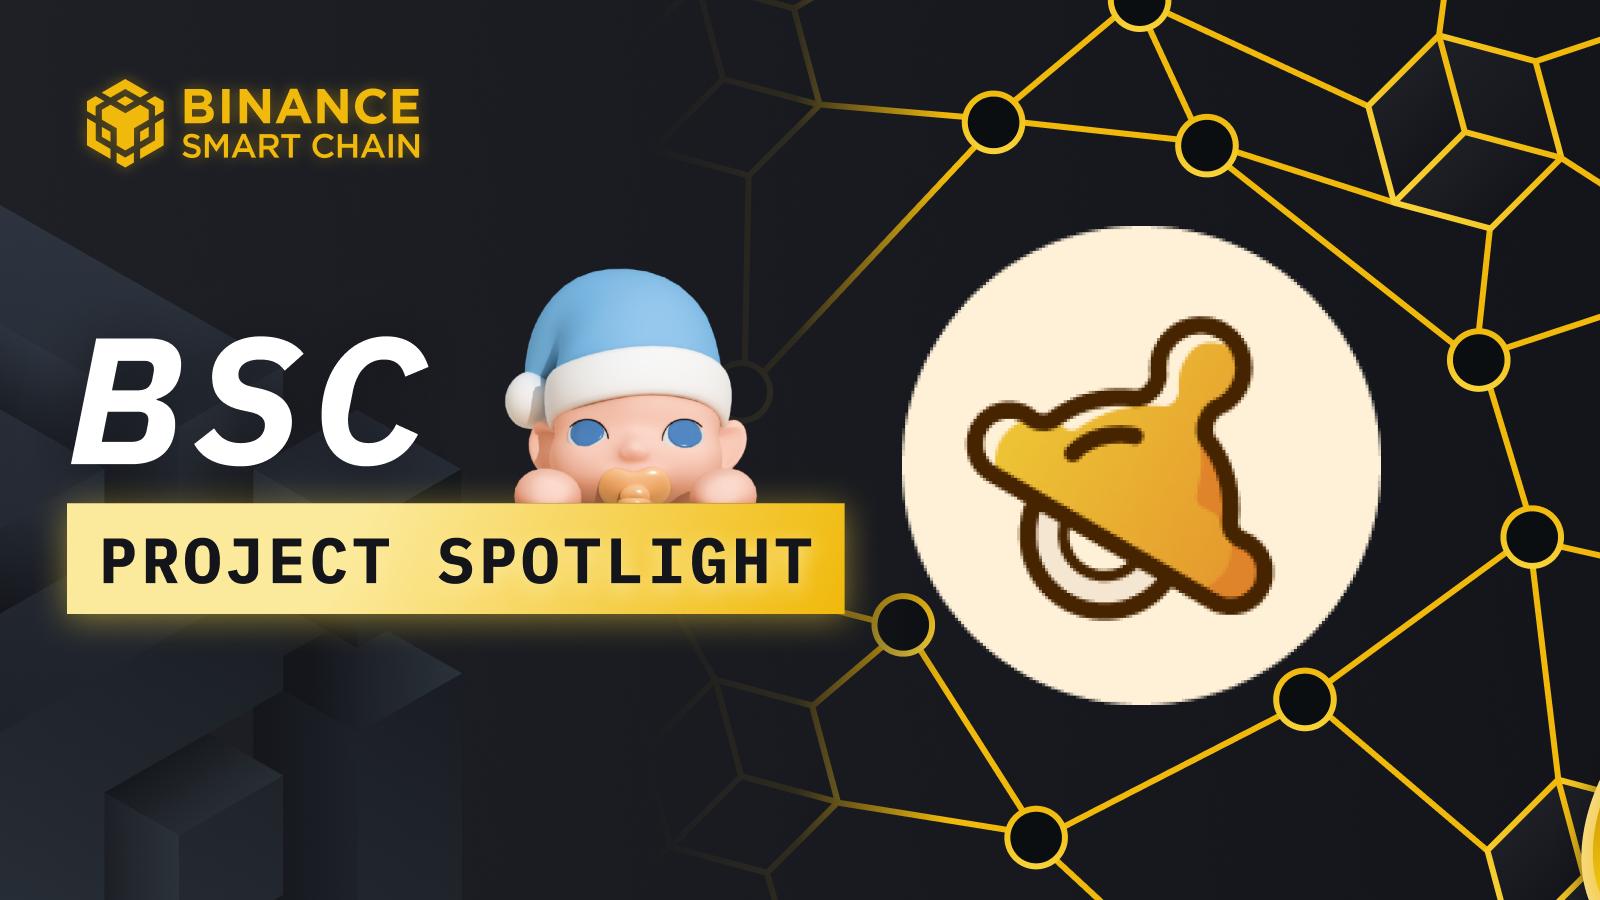 BSC Project Spotlight: BabySwap